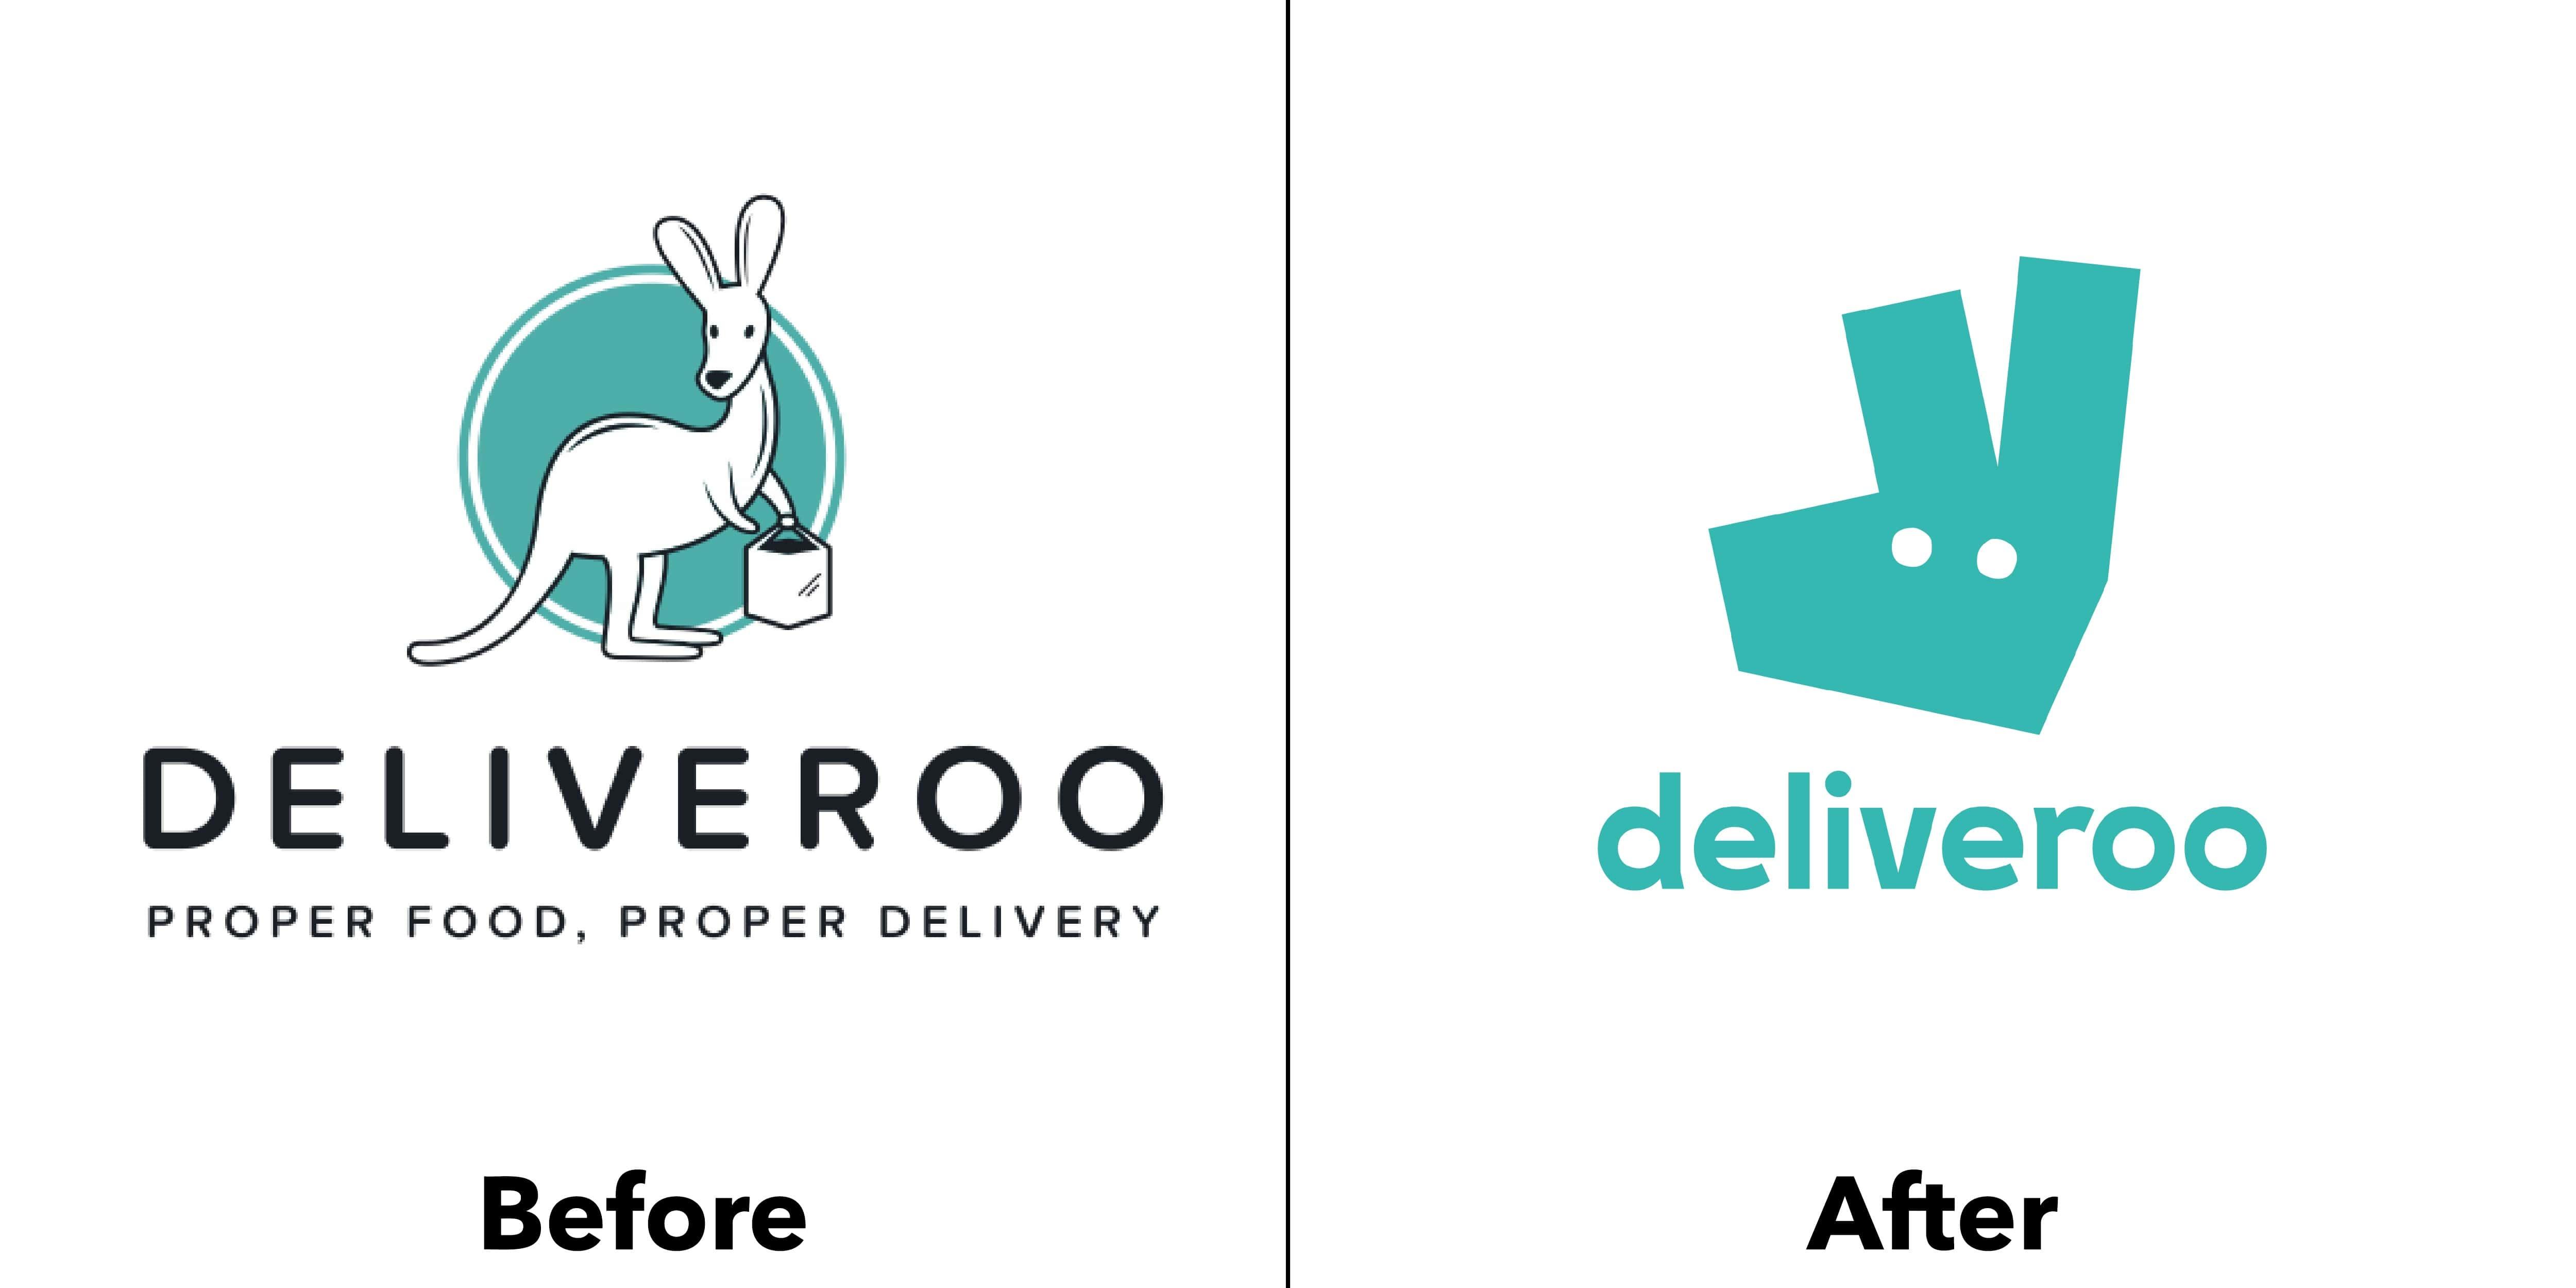 logo deliveroo trước và sau